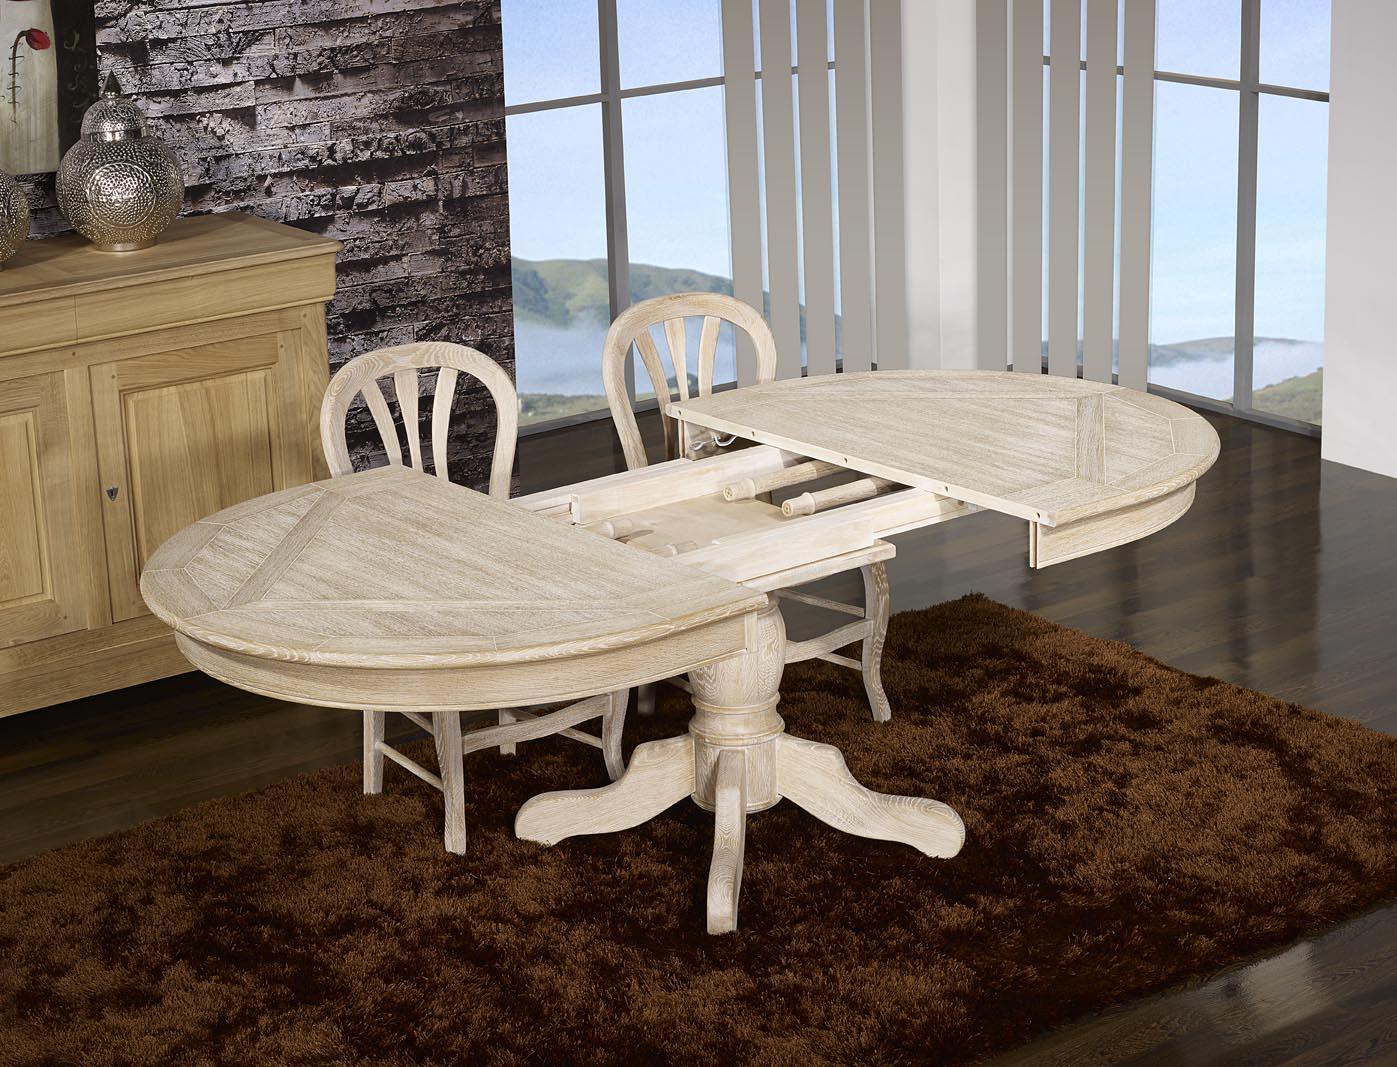 table ovale cl ment 160x120 pied central en ch ne de style. Black Bedroom Furniture Sets. Home Design Ideas